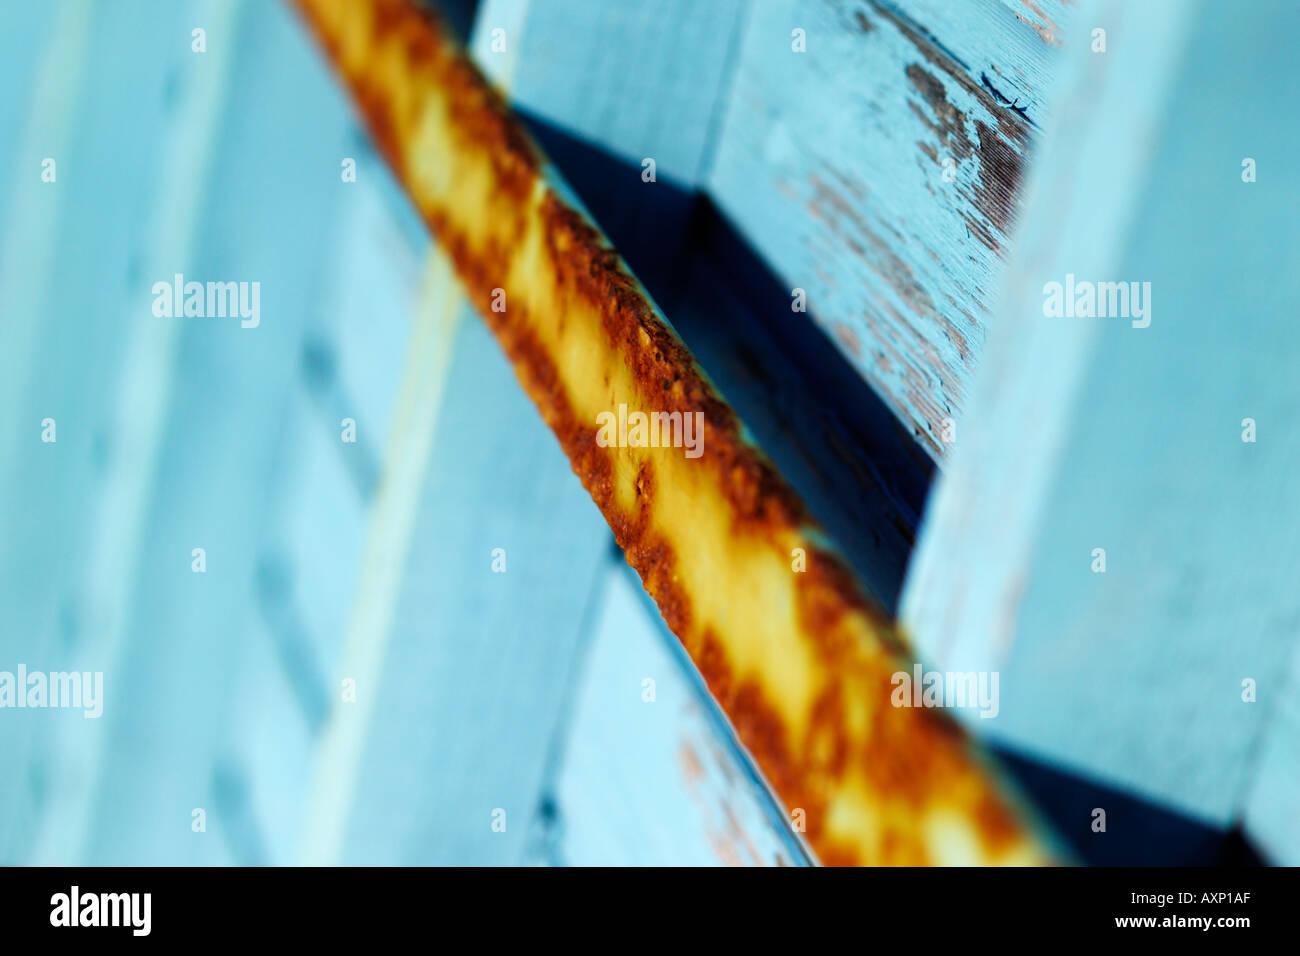 Visión abstracta de un oxidado bar en una cabaña en la playa Imagen De Stock